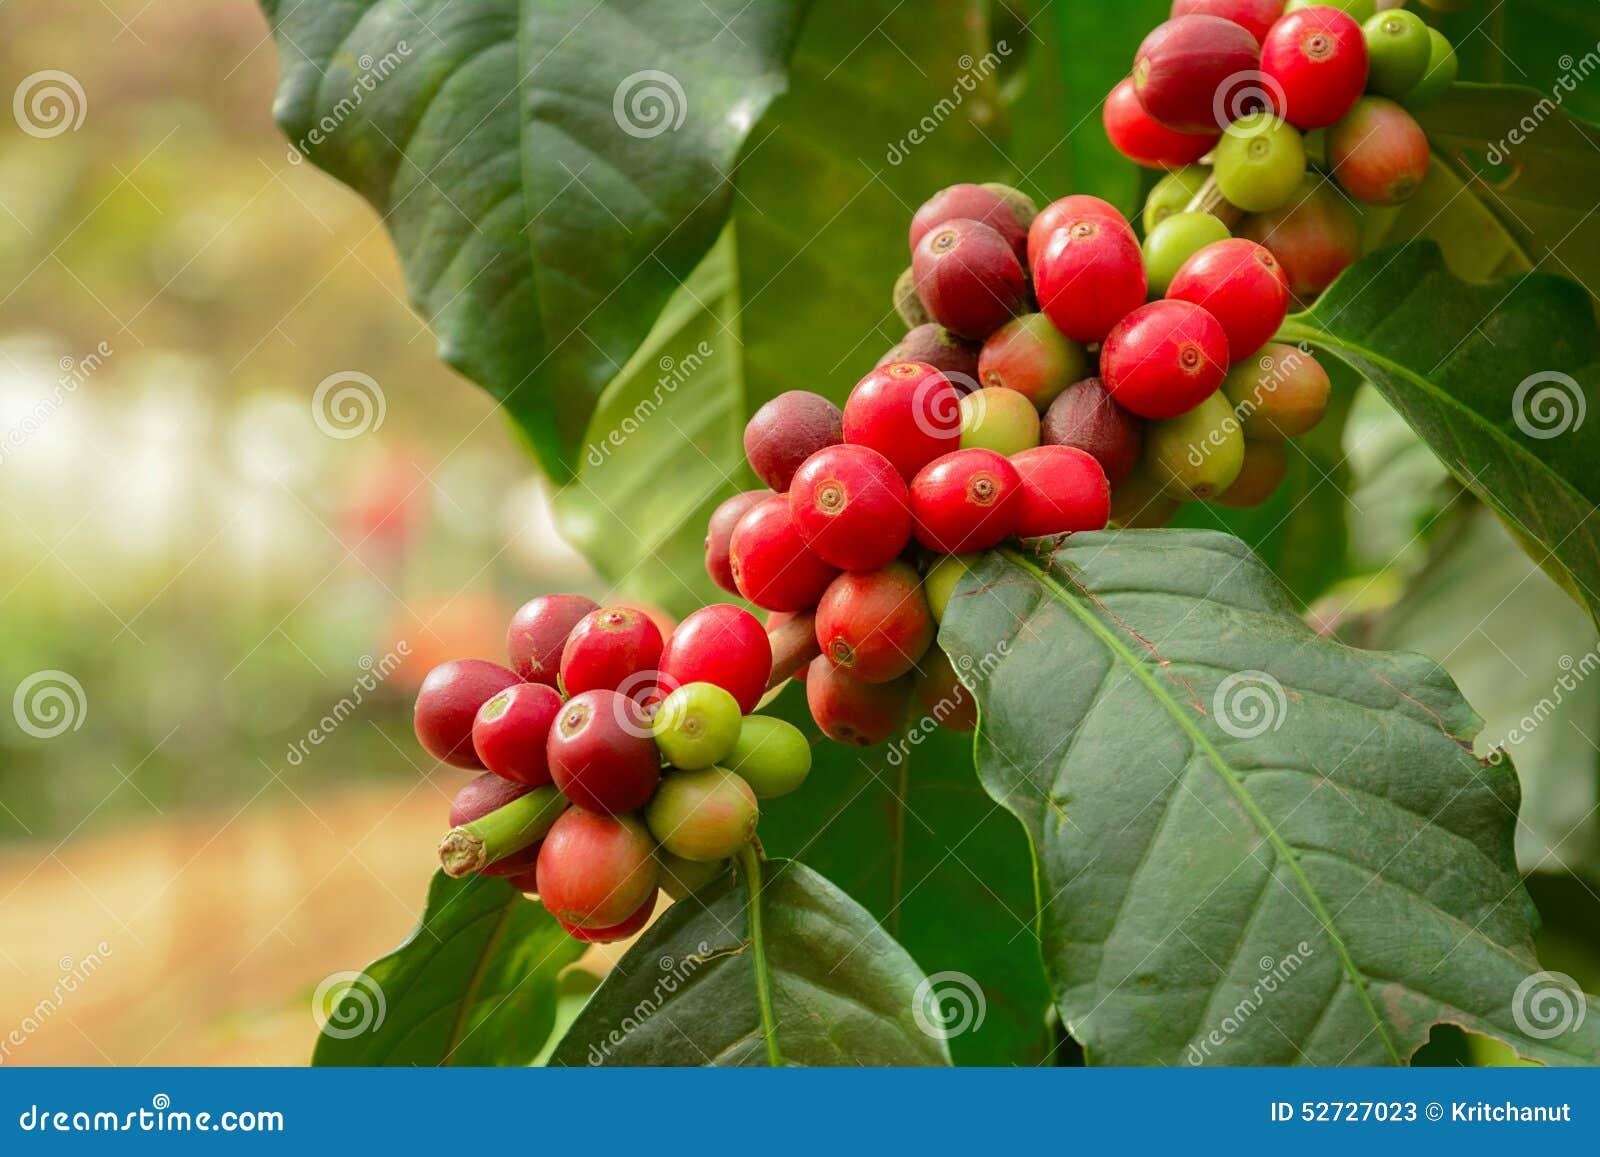 granos de café frescos en la rama de la planta del café imagen de